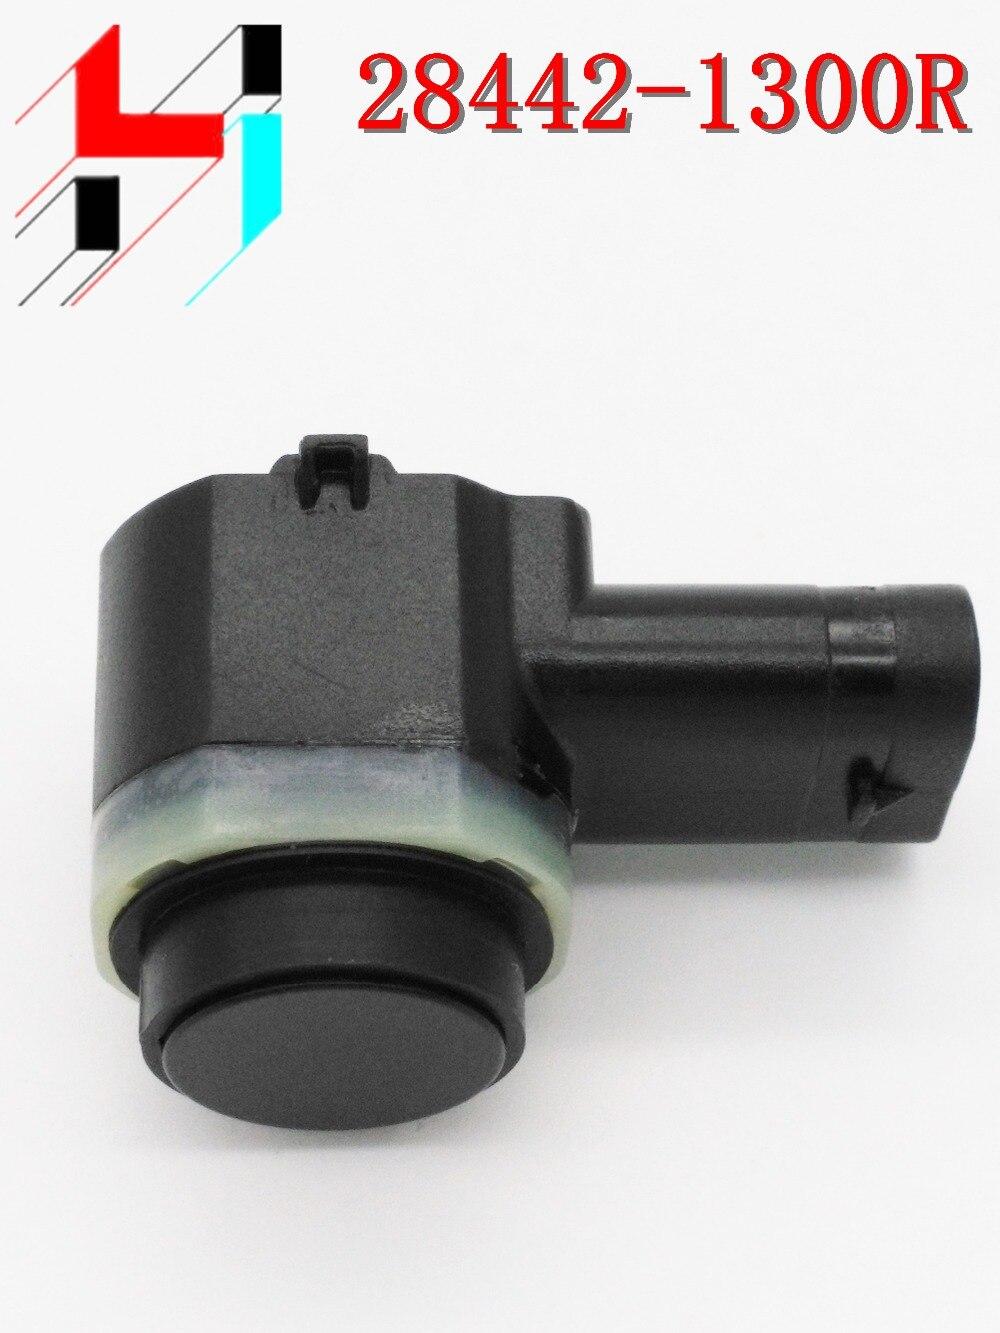 Homme-Filtre pour paquet Air Intérieur huile carburant renault HY /_ 2.0 dCi 4x4